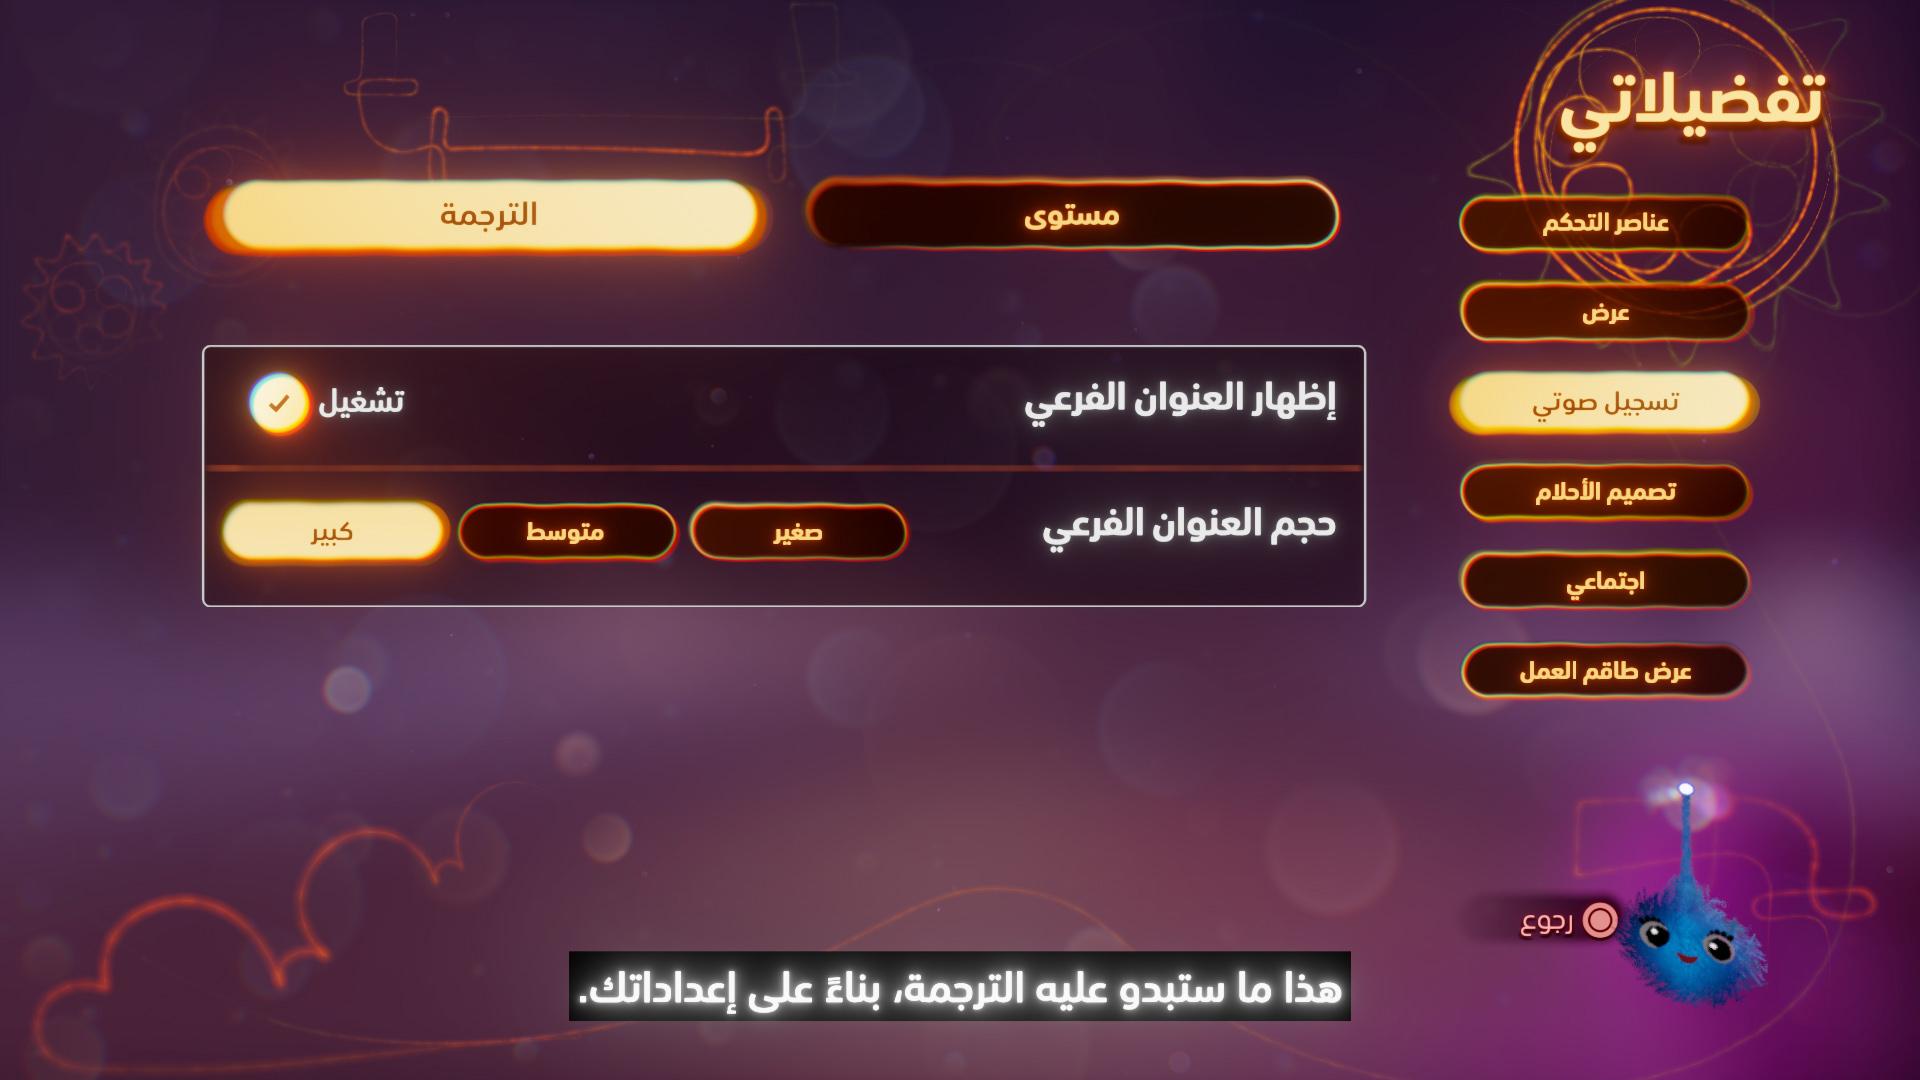 لقطة شاشة تُظهر خيارات حجم الترجمة في قائمة التفضيلات